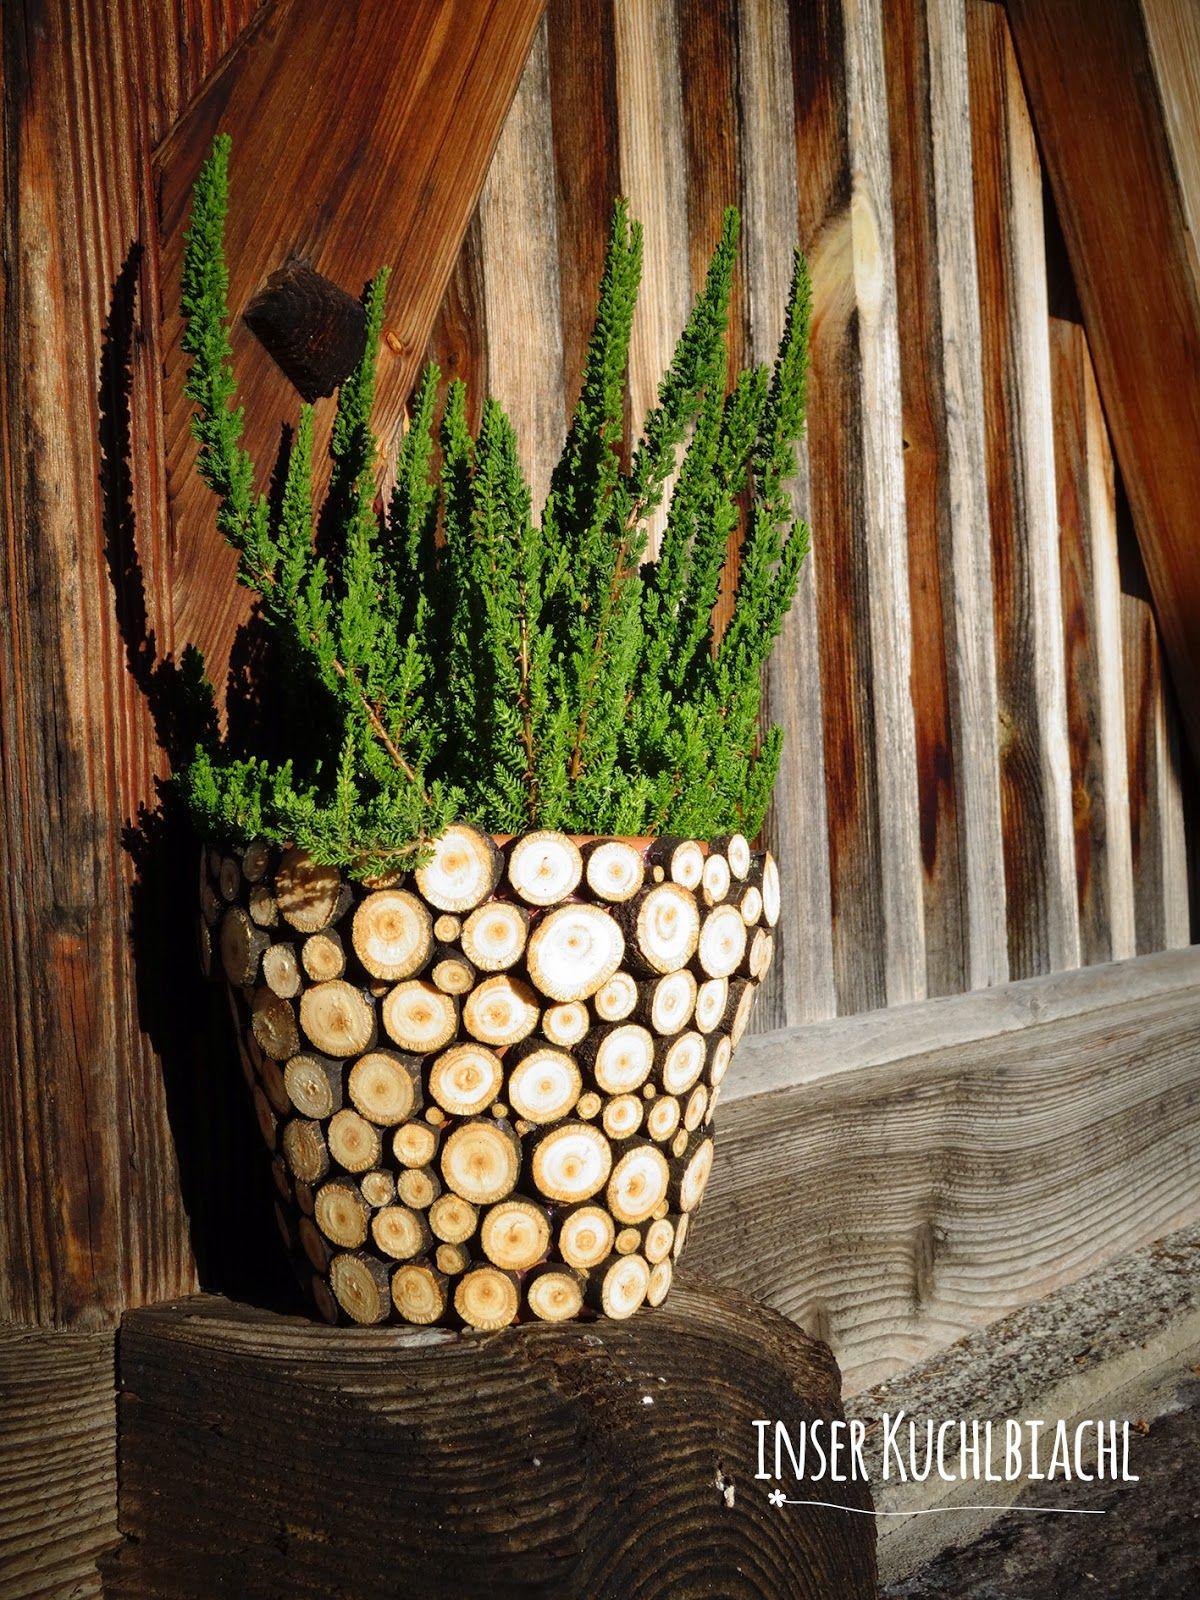 sch ne vase mit holzscheiben verleiht einer alten. Black Bedroom Furniture Sets. Home Design Ideas